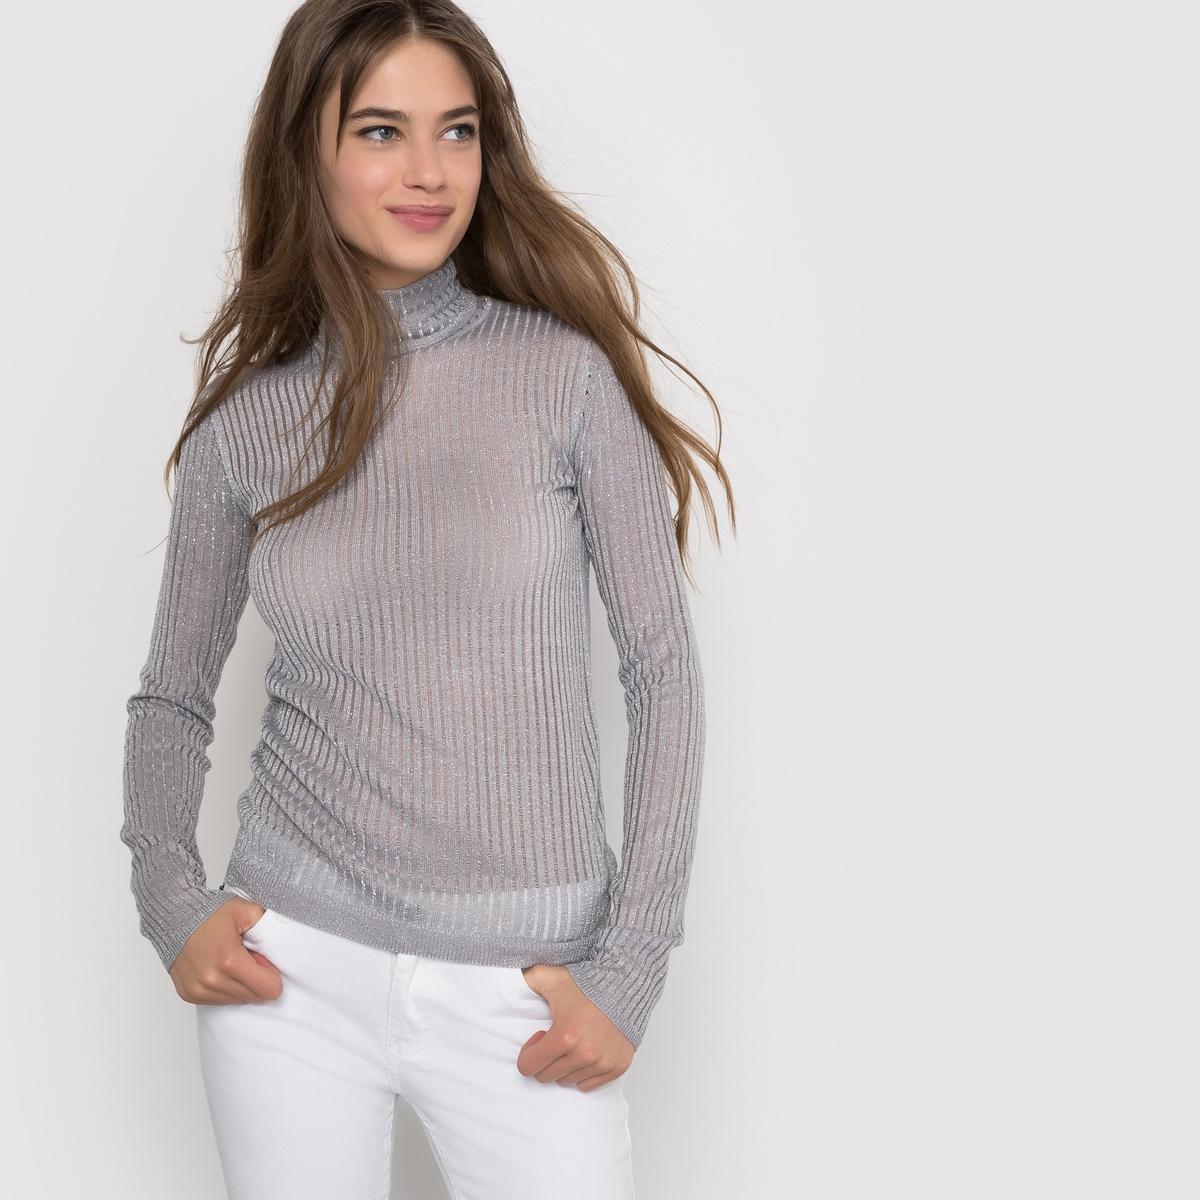 Облегающий пуловер в рубчик с металлизированными нитями